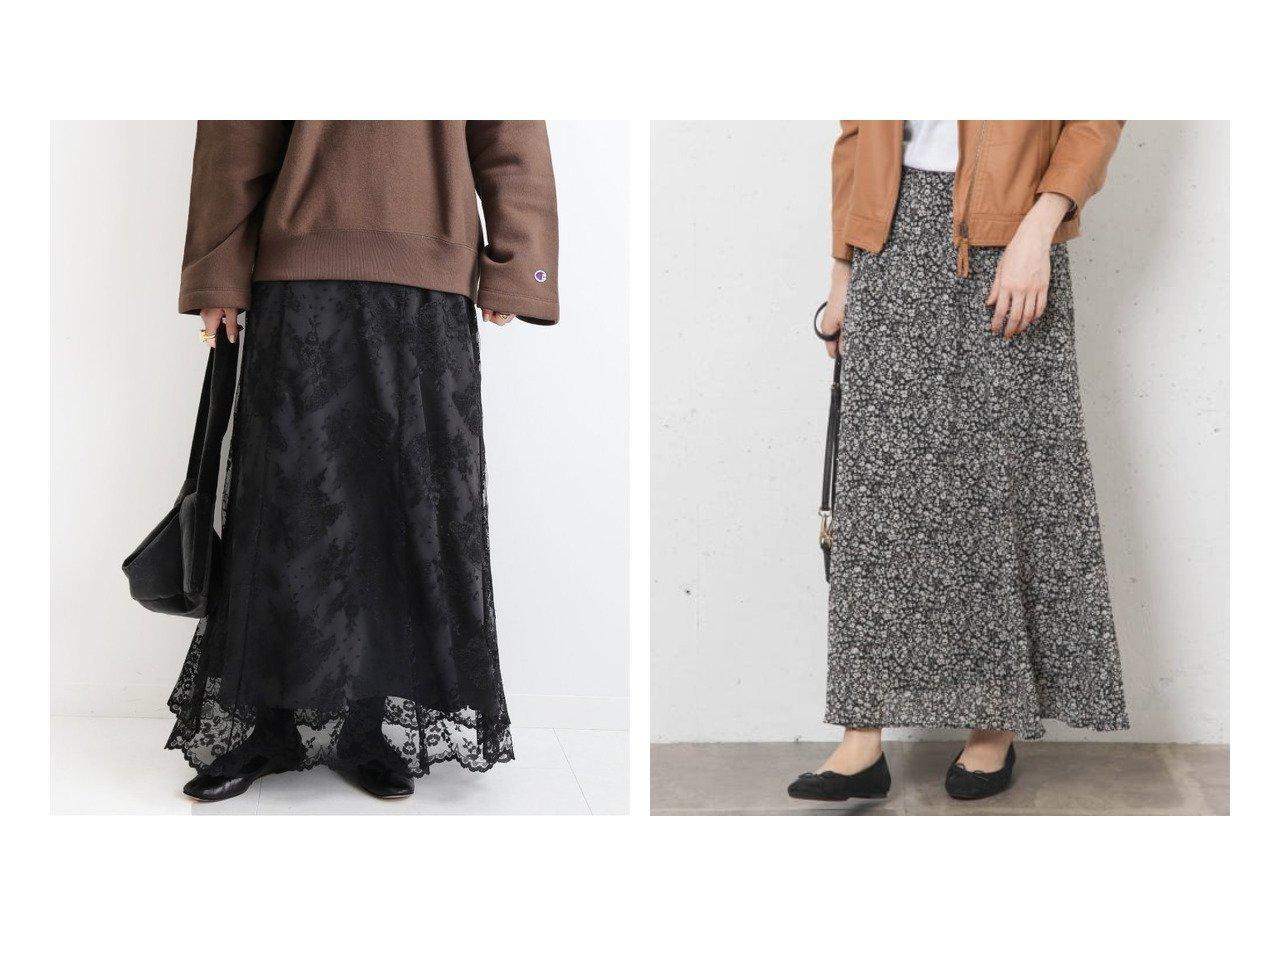 【Sonny Label / URBAN RESEARCH/サニーレーベル】のスモールフラワープリントスカート&【IENA/イエナ】のKlauber レースフレアスカート スカートのおすすめ!人気、レディースファッションの通販 おすすめで人気のファッション通販商品 インテリア・家具・キッズファッション・メンズファッション・レディースファッション・服の通販 founy(ファニー) https://founy.com/ ファッション Fashion レディース WOMEN スカート Skirt Aライン/フレアスカート Flared A-Line Skirts 秋冬 A/W Autumn/ Winter エレガント パターン フレア ベロア レース ギャザー スタンダード プリント マキシ |ID:crp329100000001490